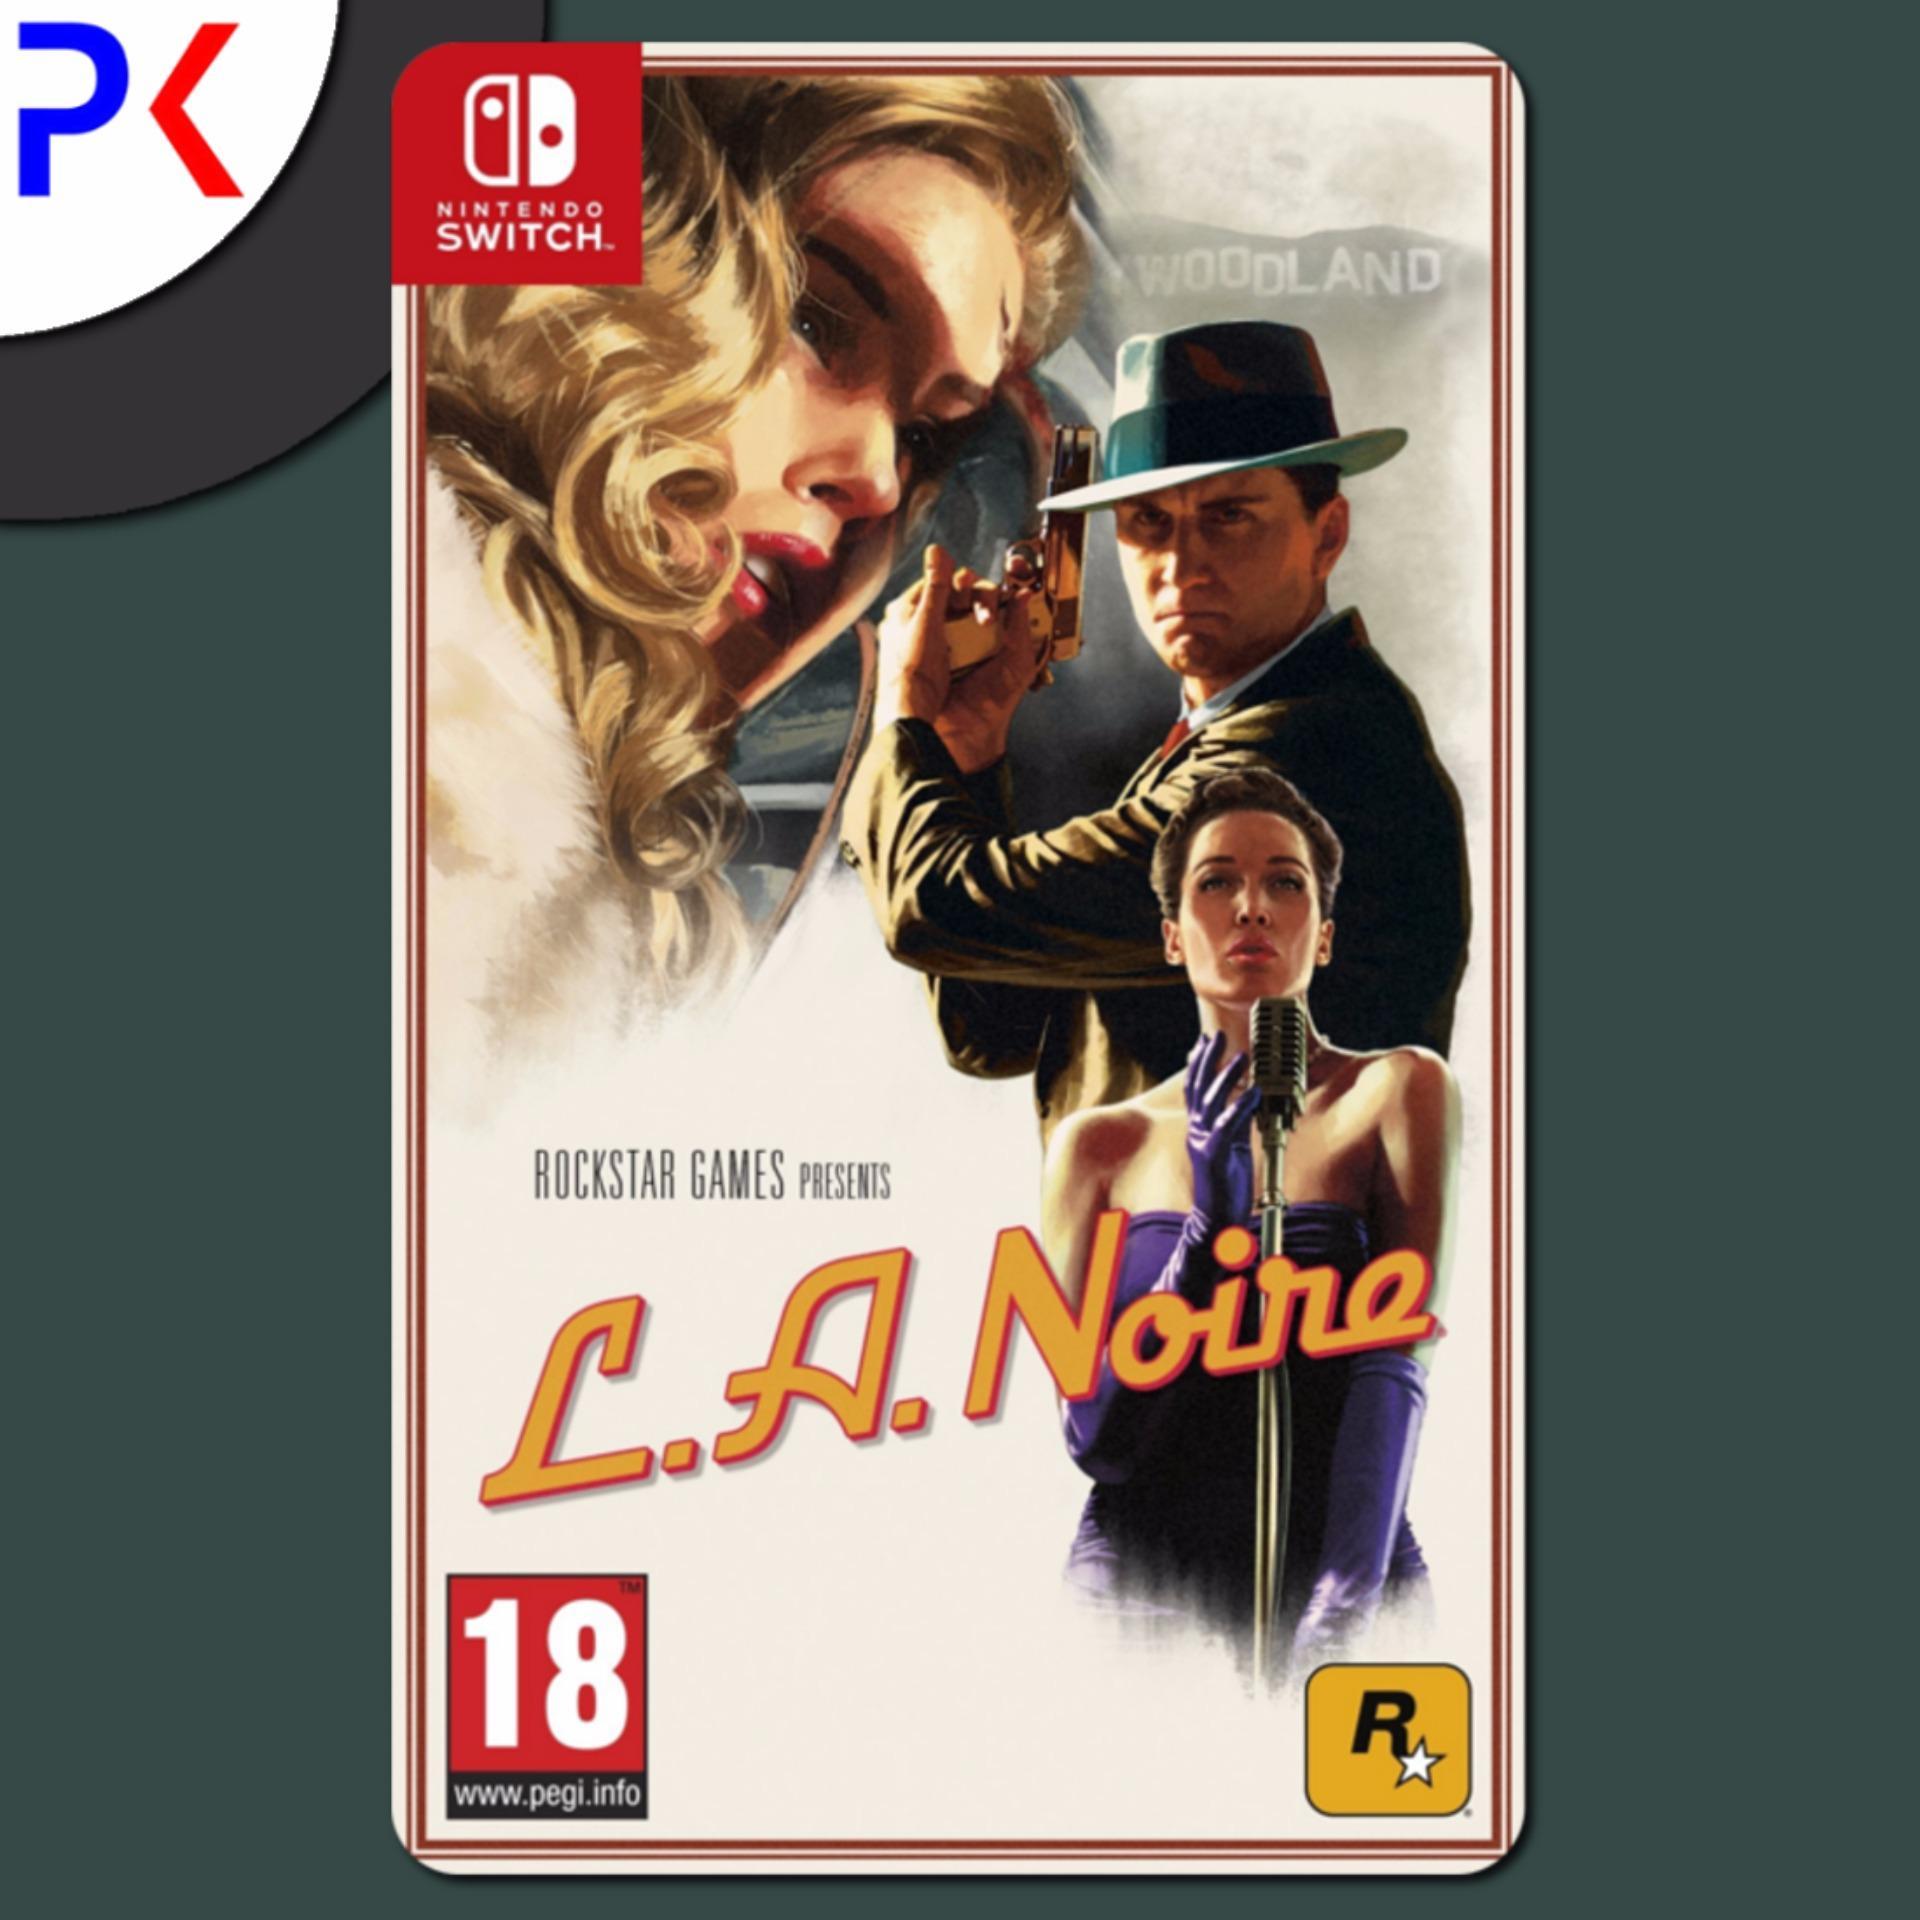 Nintendo Switch L.A. Noire (EU)